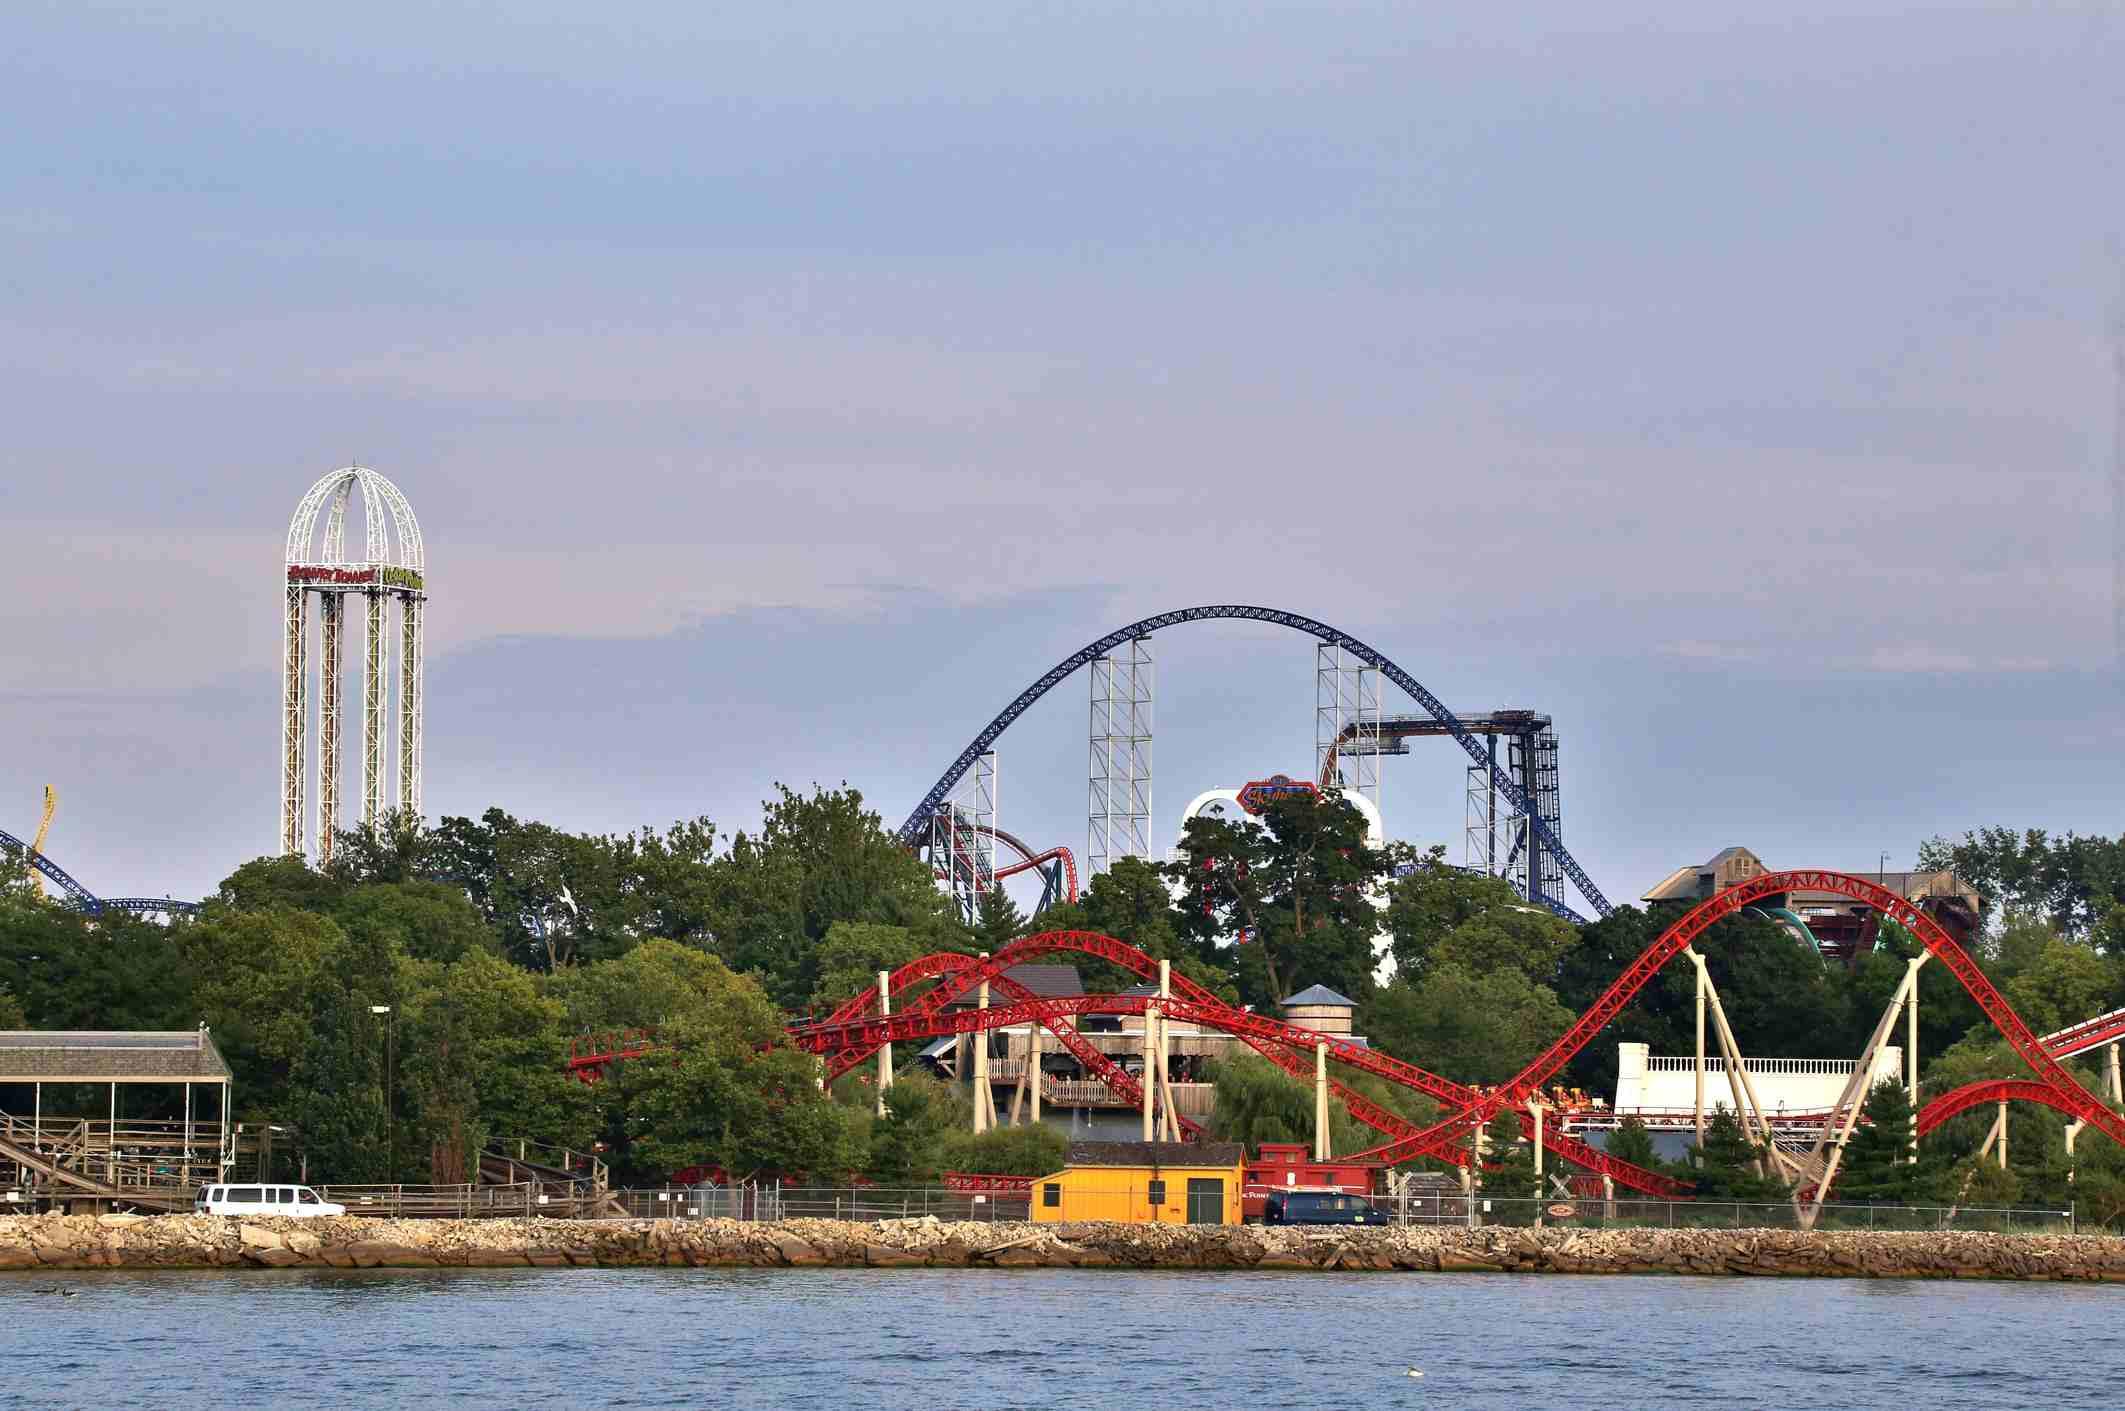 Complejo de parques de atracciones, Parque de atracciones Cedar Point, Sandusky, Ohio, EE. UU.